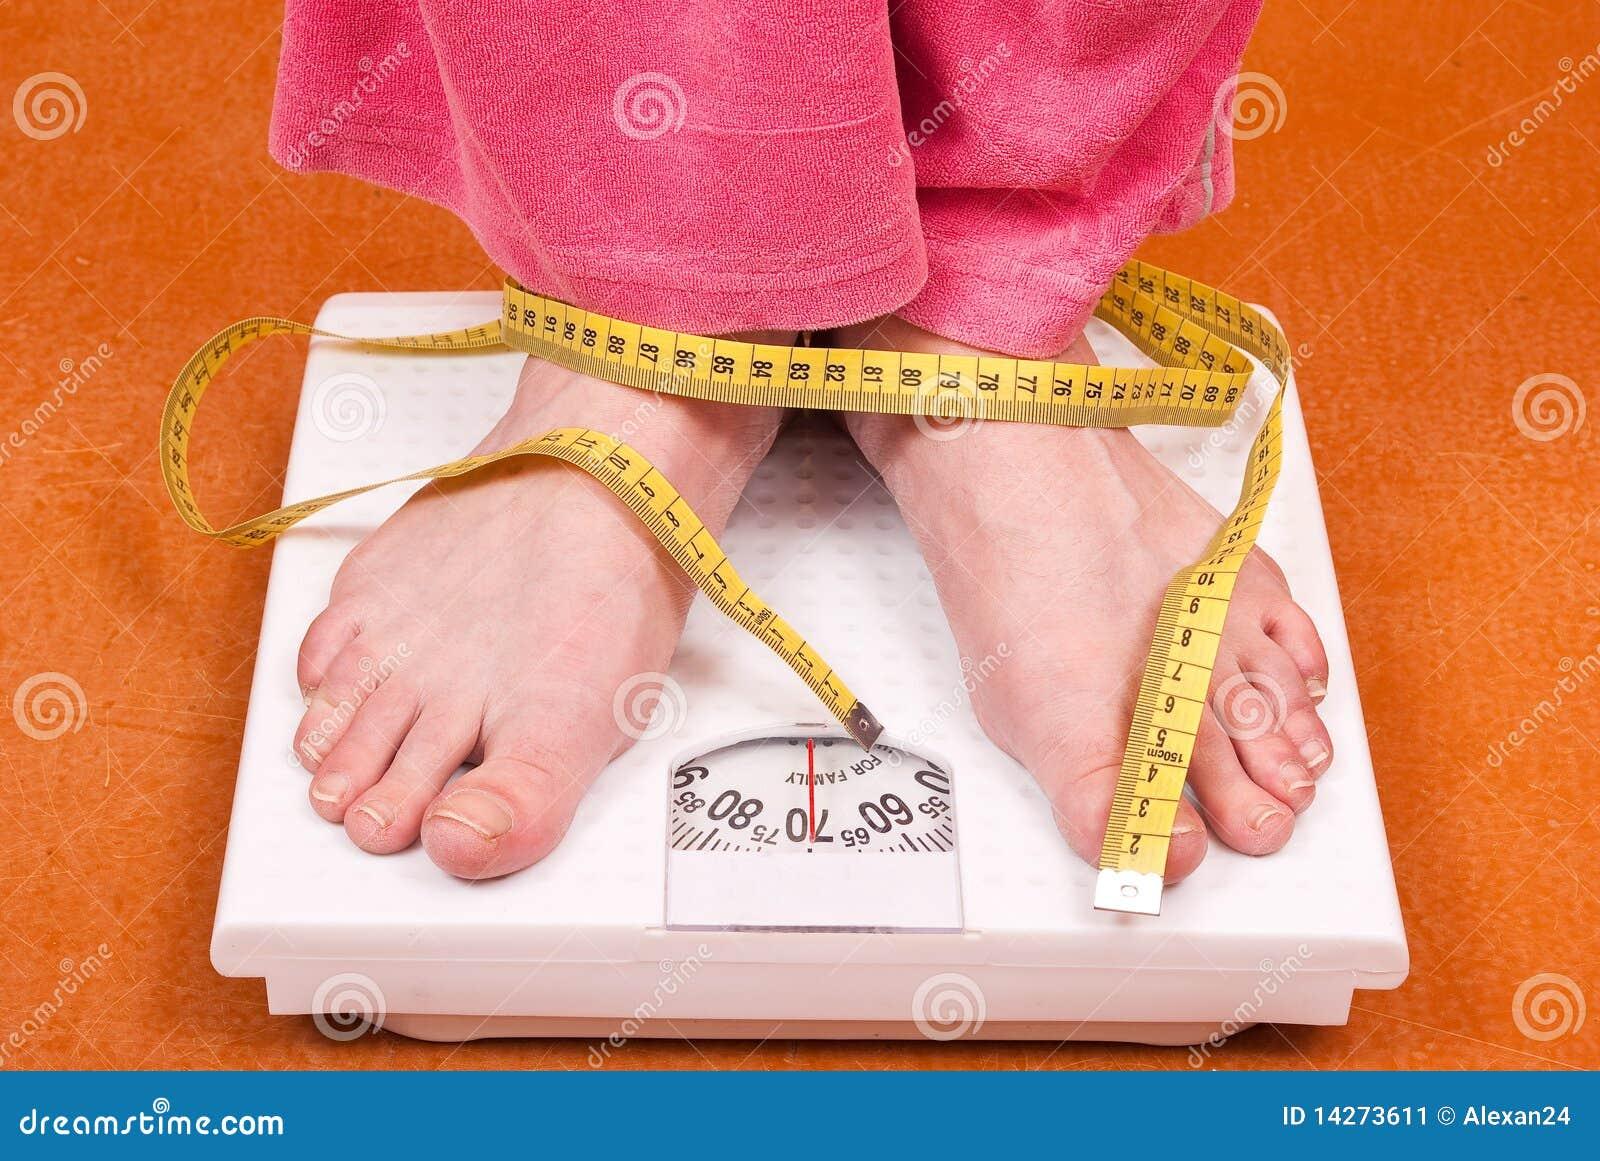 Escalas de peso